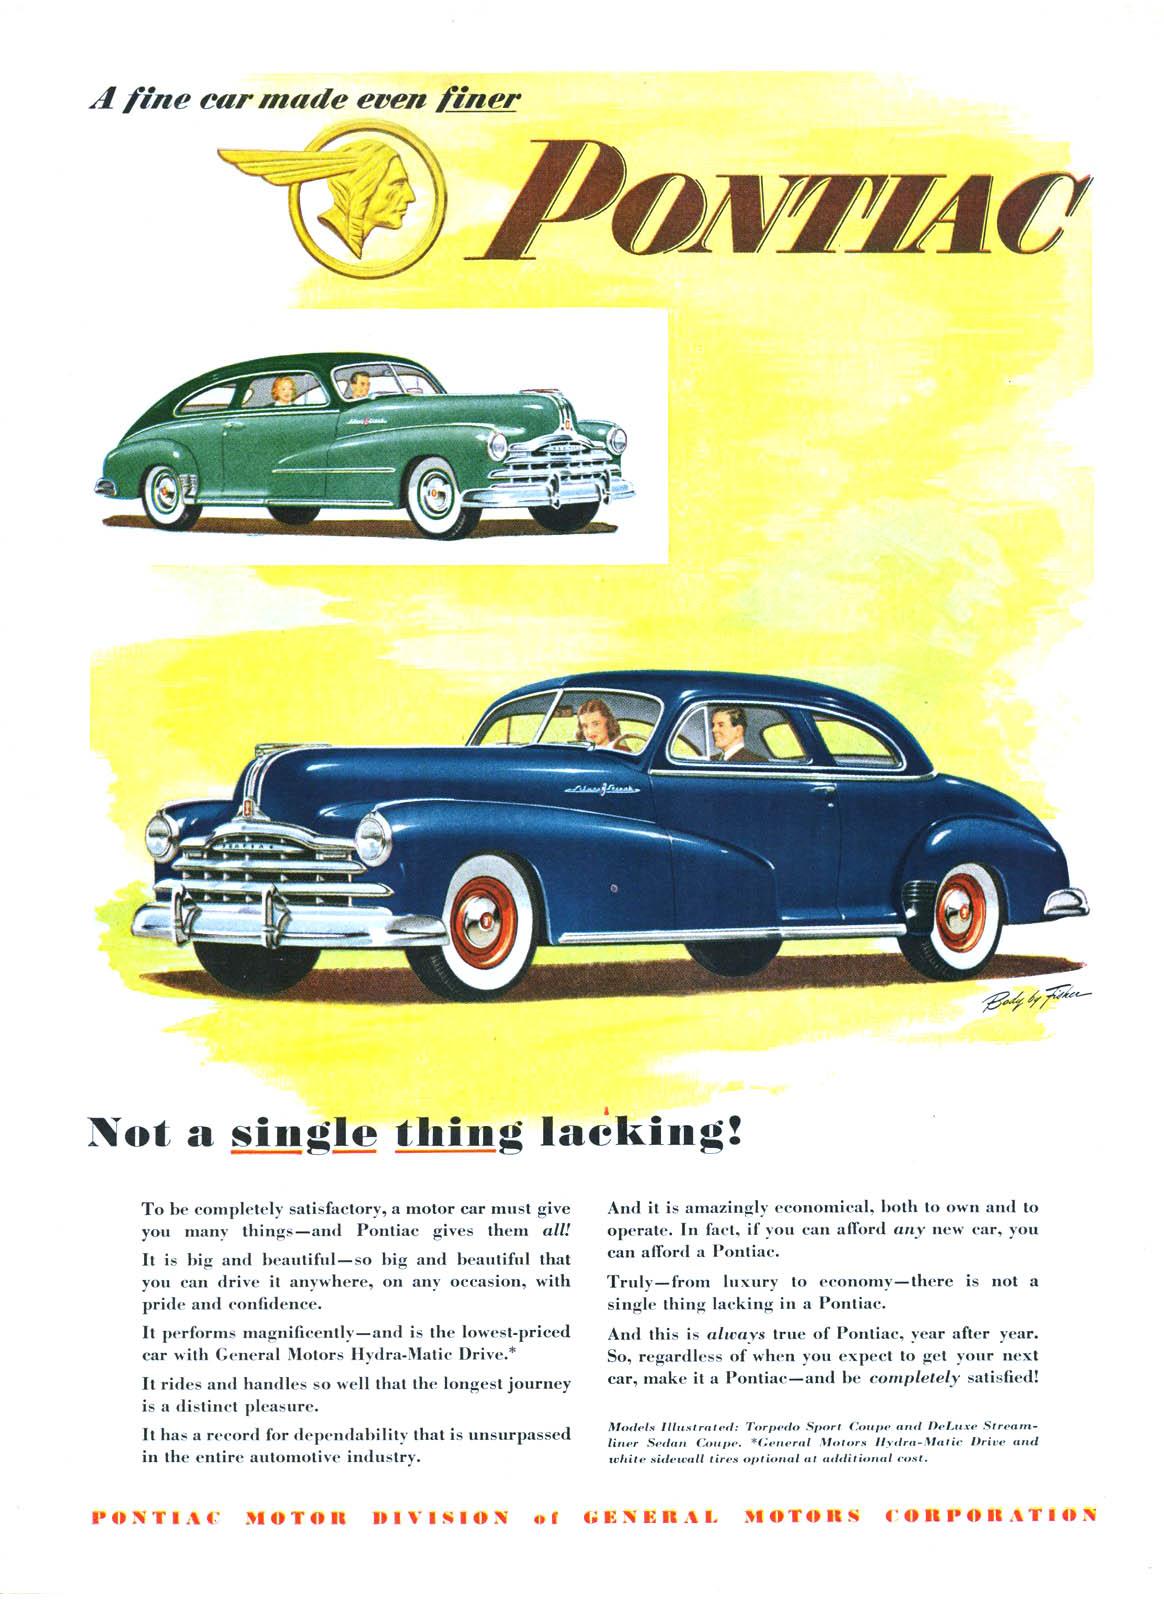 Pontiac Advertising Campaign 1948 A Fine Car Made Even